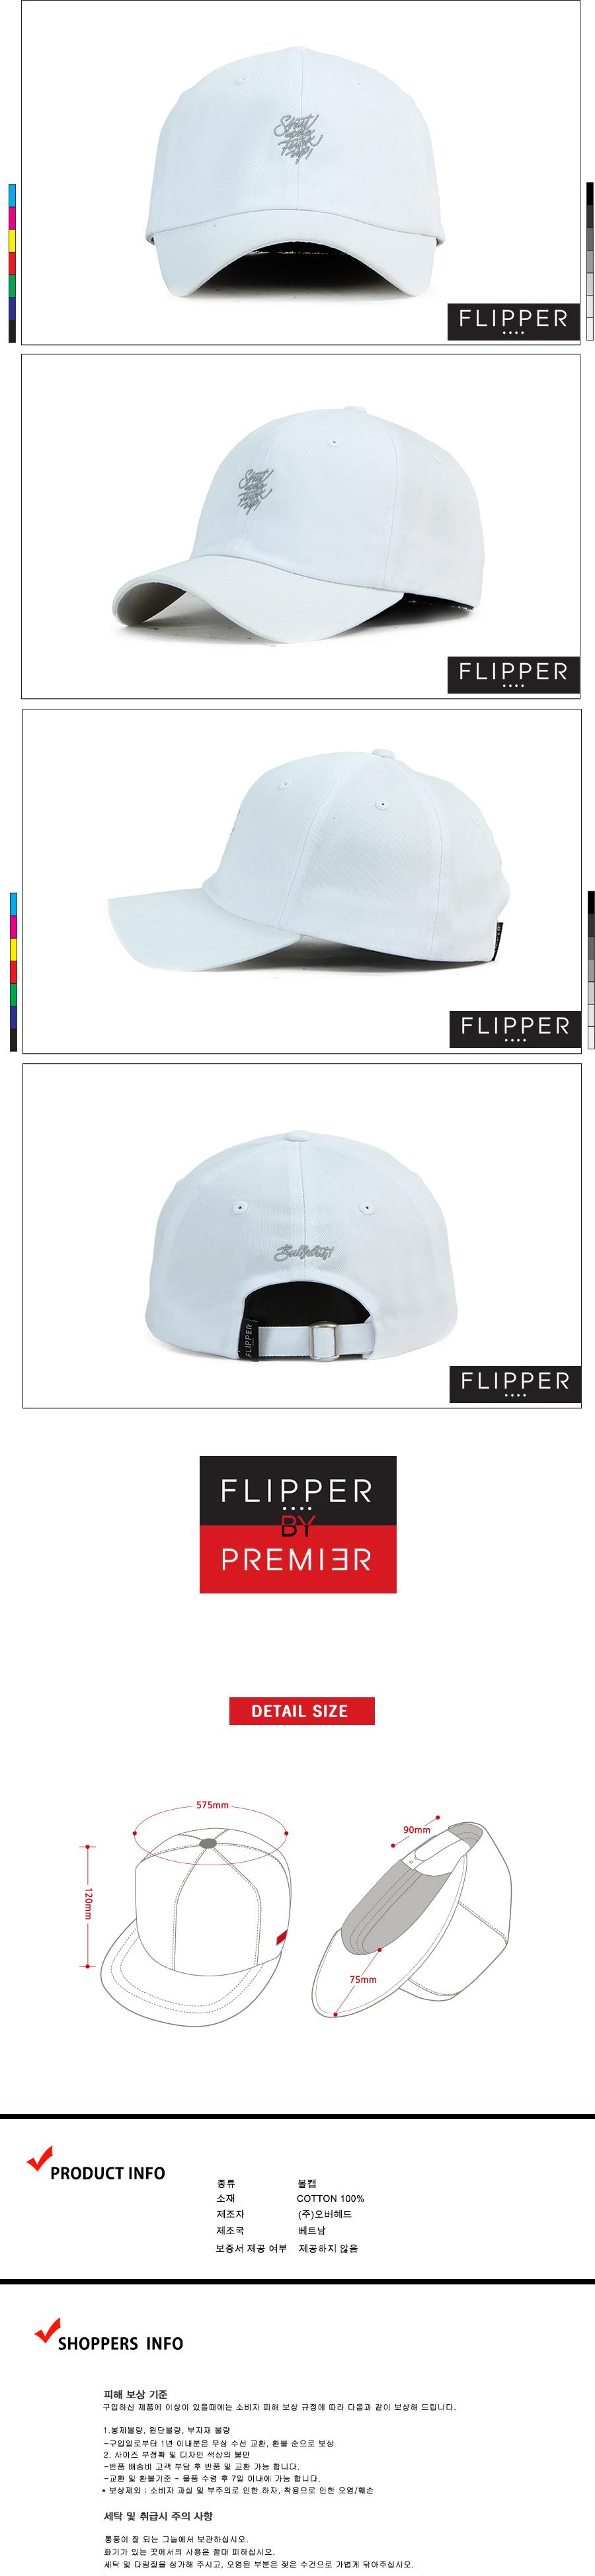 [ PREMIER ] [Premier] Flipper Ball Cap Bullshit White (FL184)